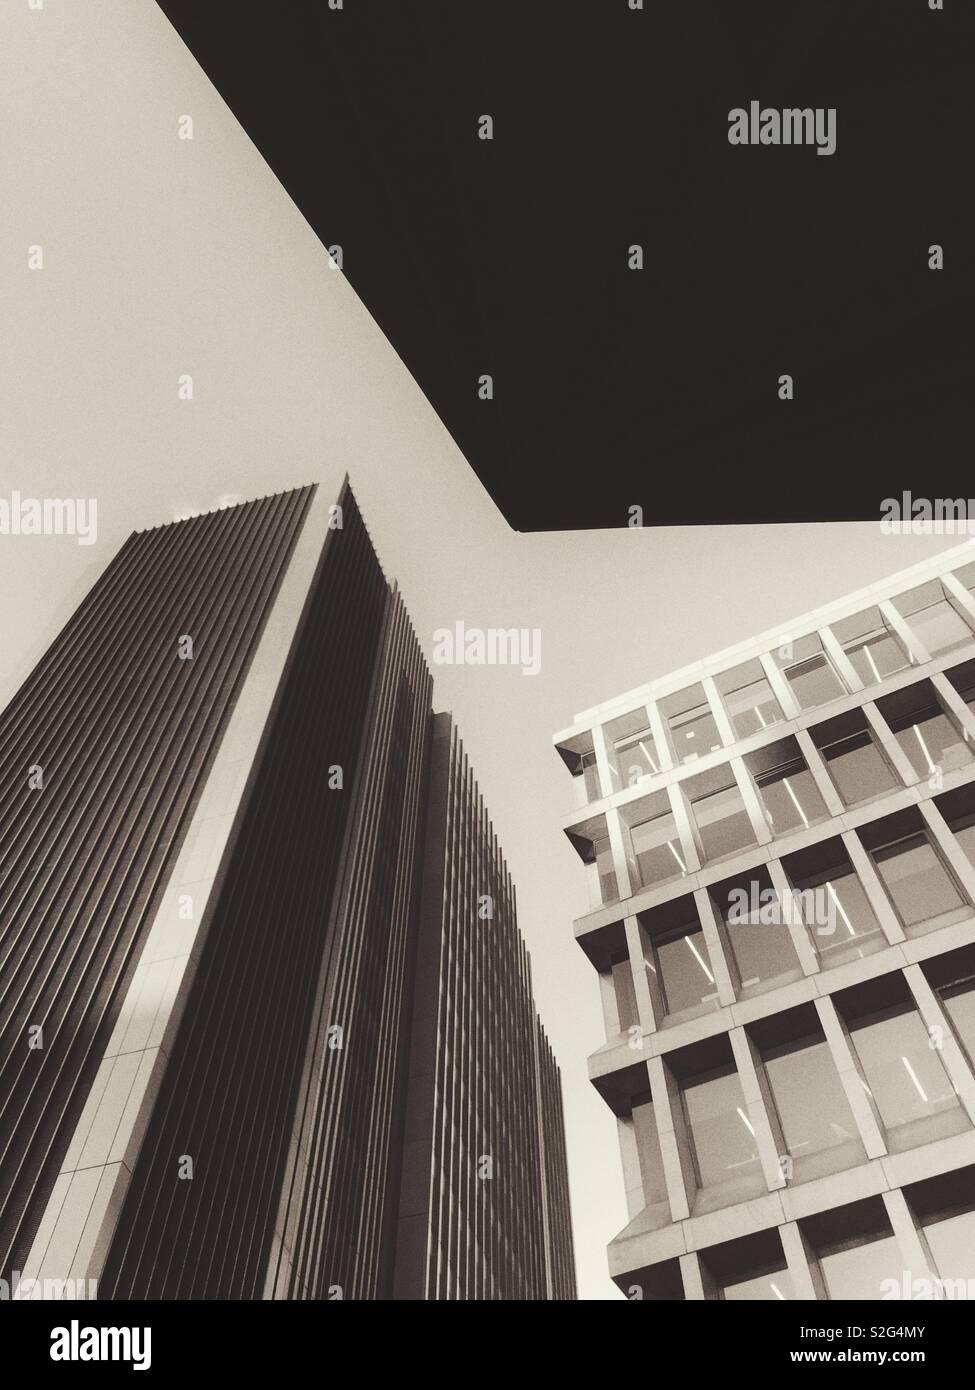 Visión abstracta de edificios en la ciudad de Londres. Foto de stock